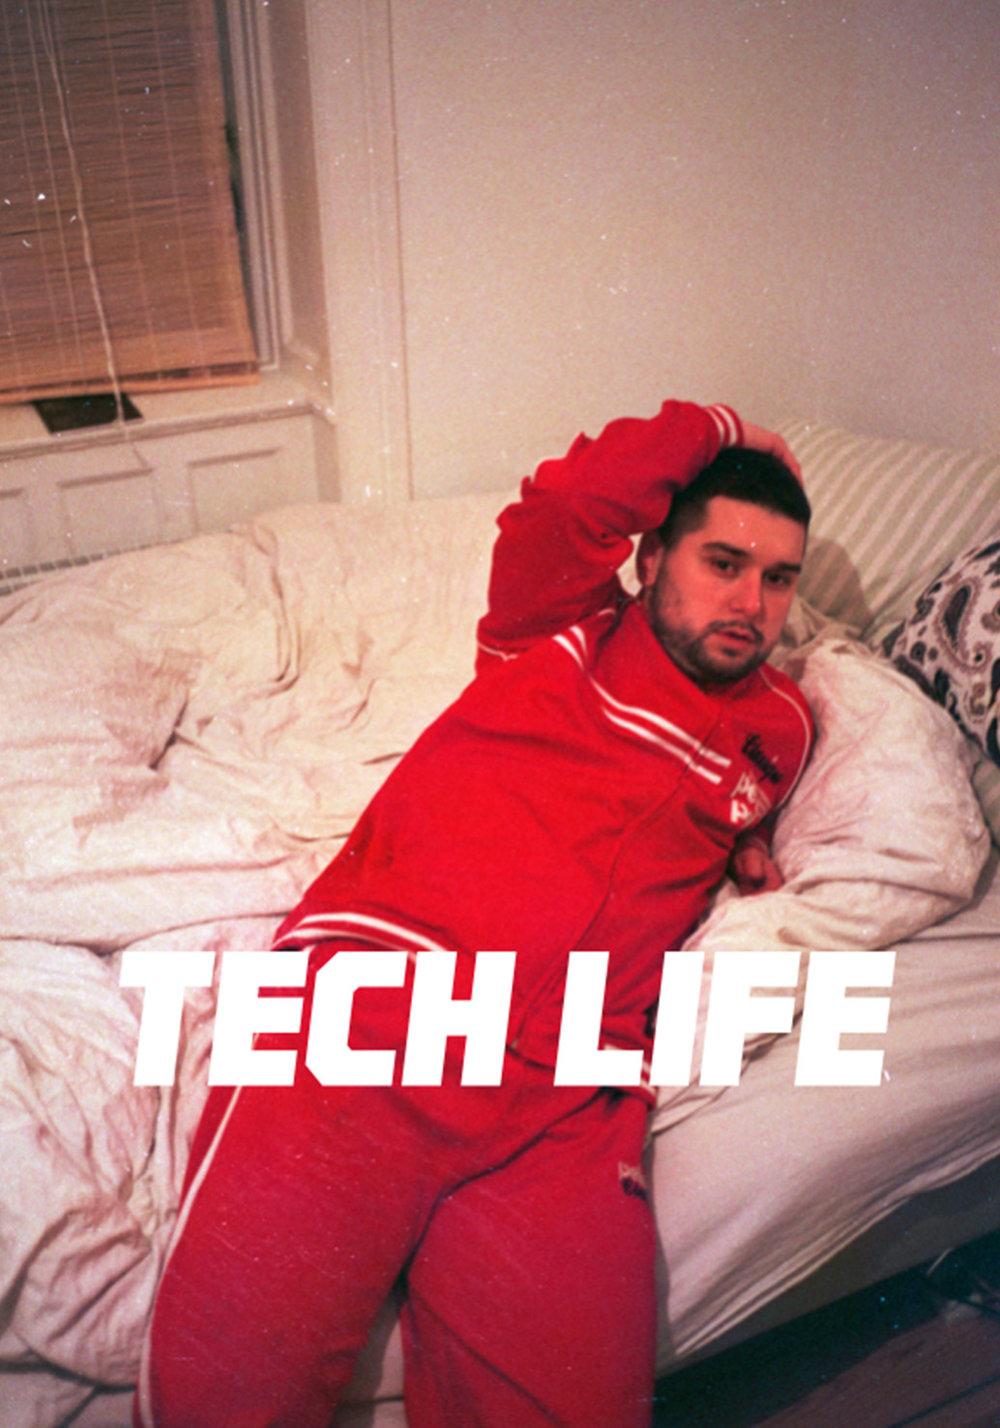 techlife_poster.jpg